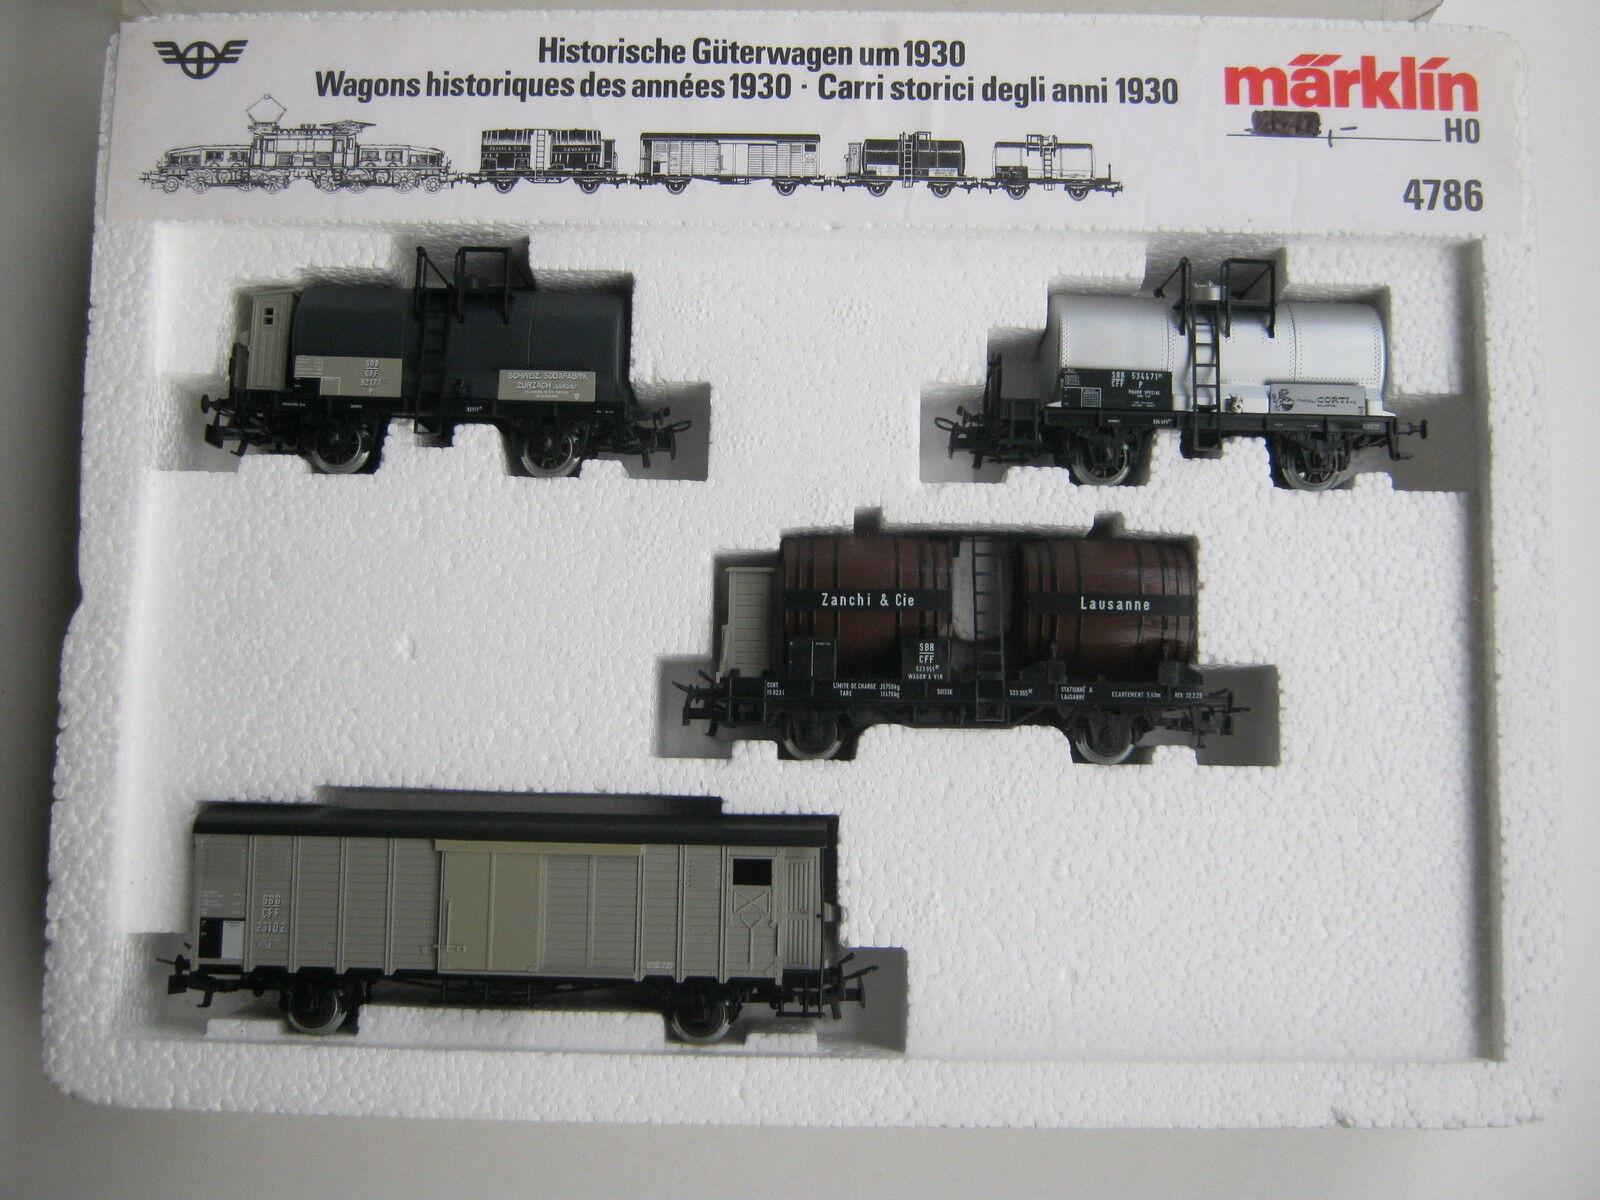 Märklin HO 4786 Güter Set Historisch um 1930 SBB (RG CG 013-45S1 1)  | Hochwertig